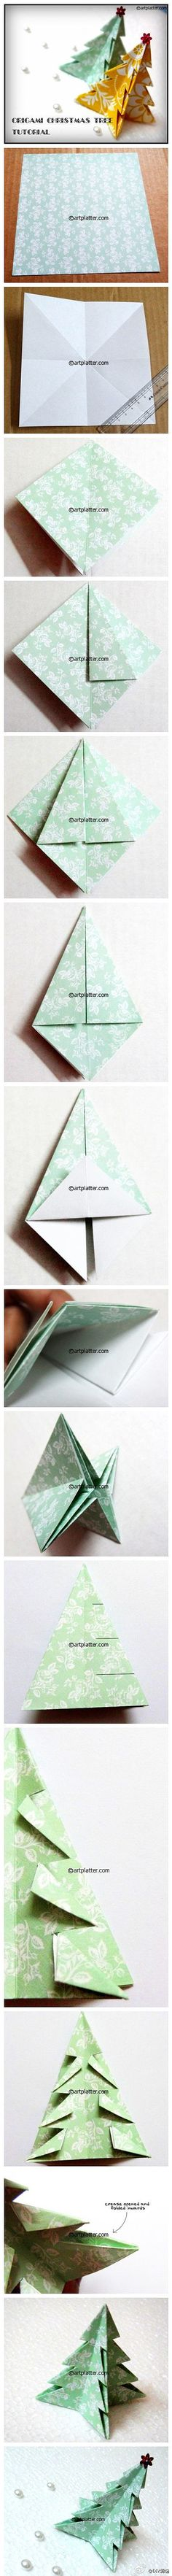 折纸 靓图 纸艺 #折纸教程# 动手折圣诞树啦~~~(转自几分钟…